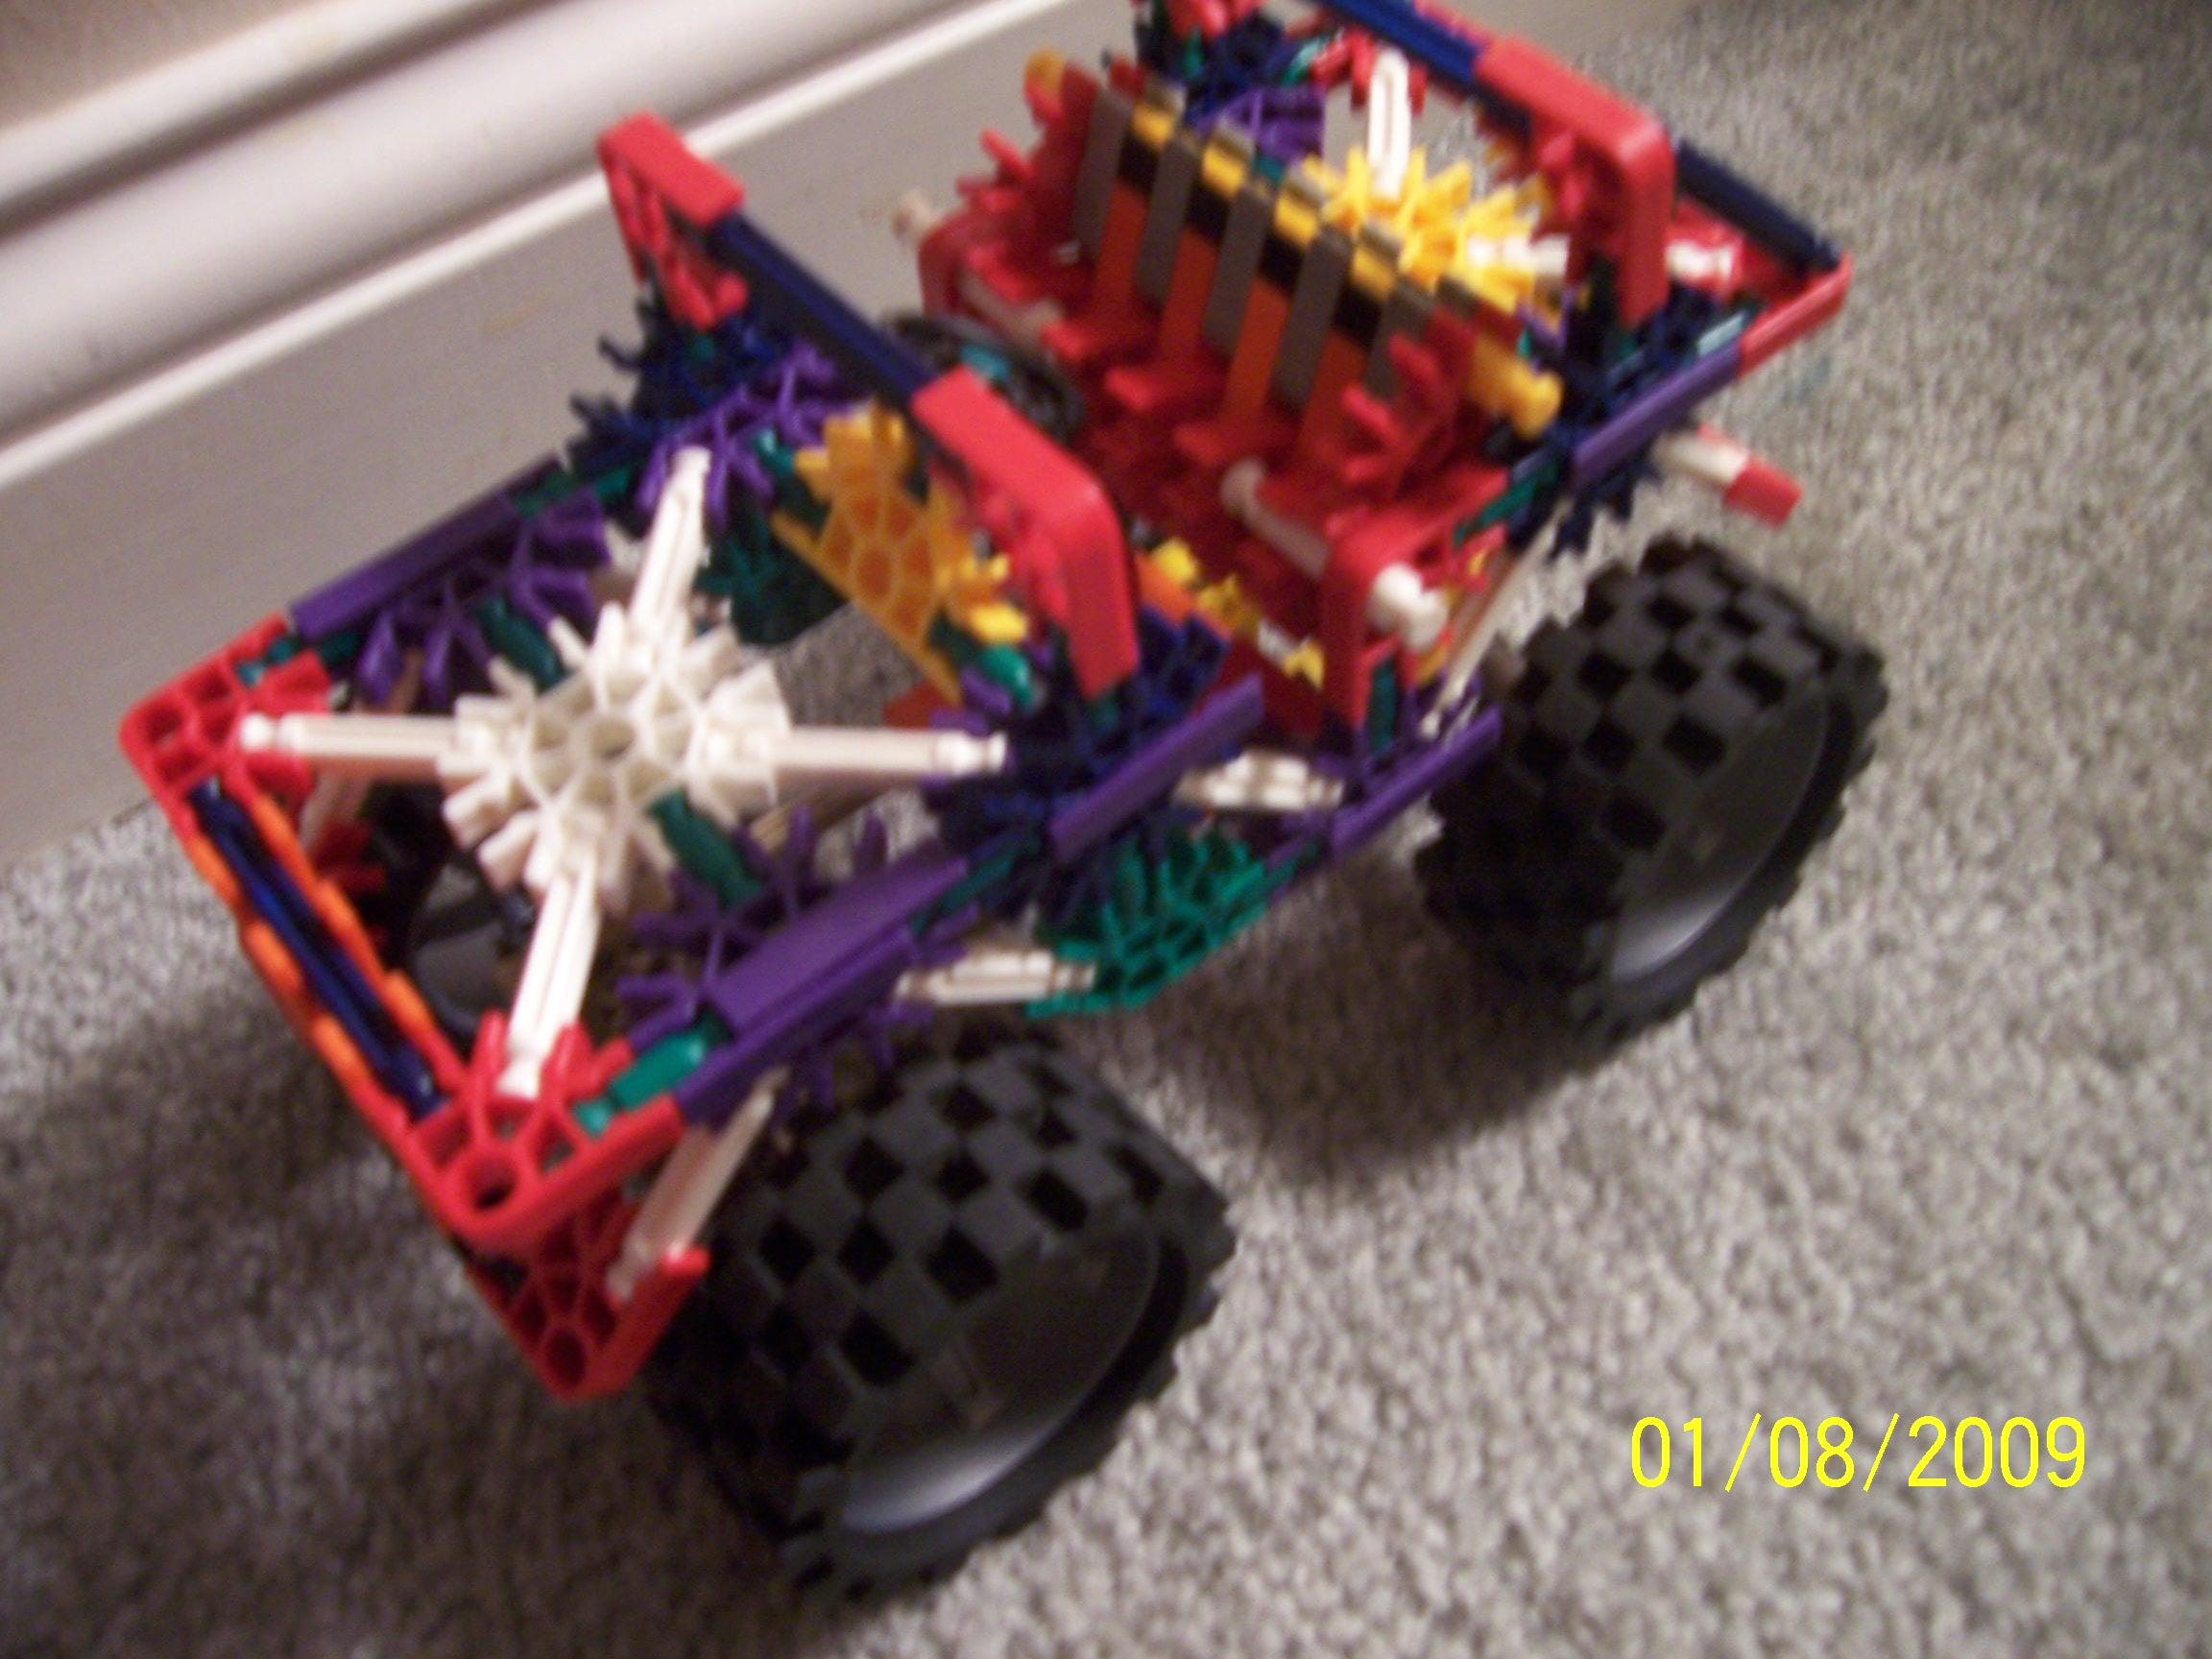 Knex Monster Jeep : 11 Steps - Instructables